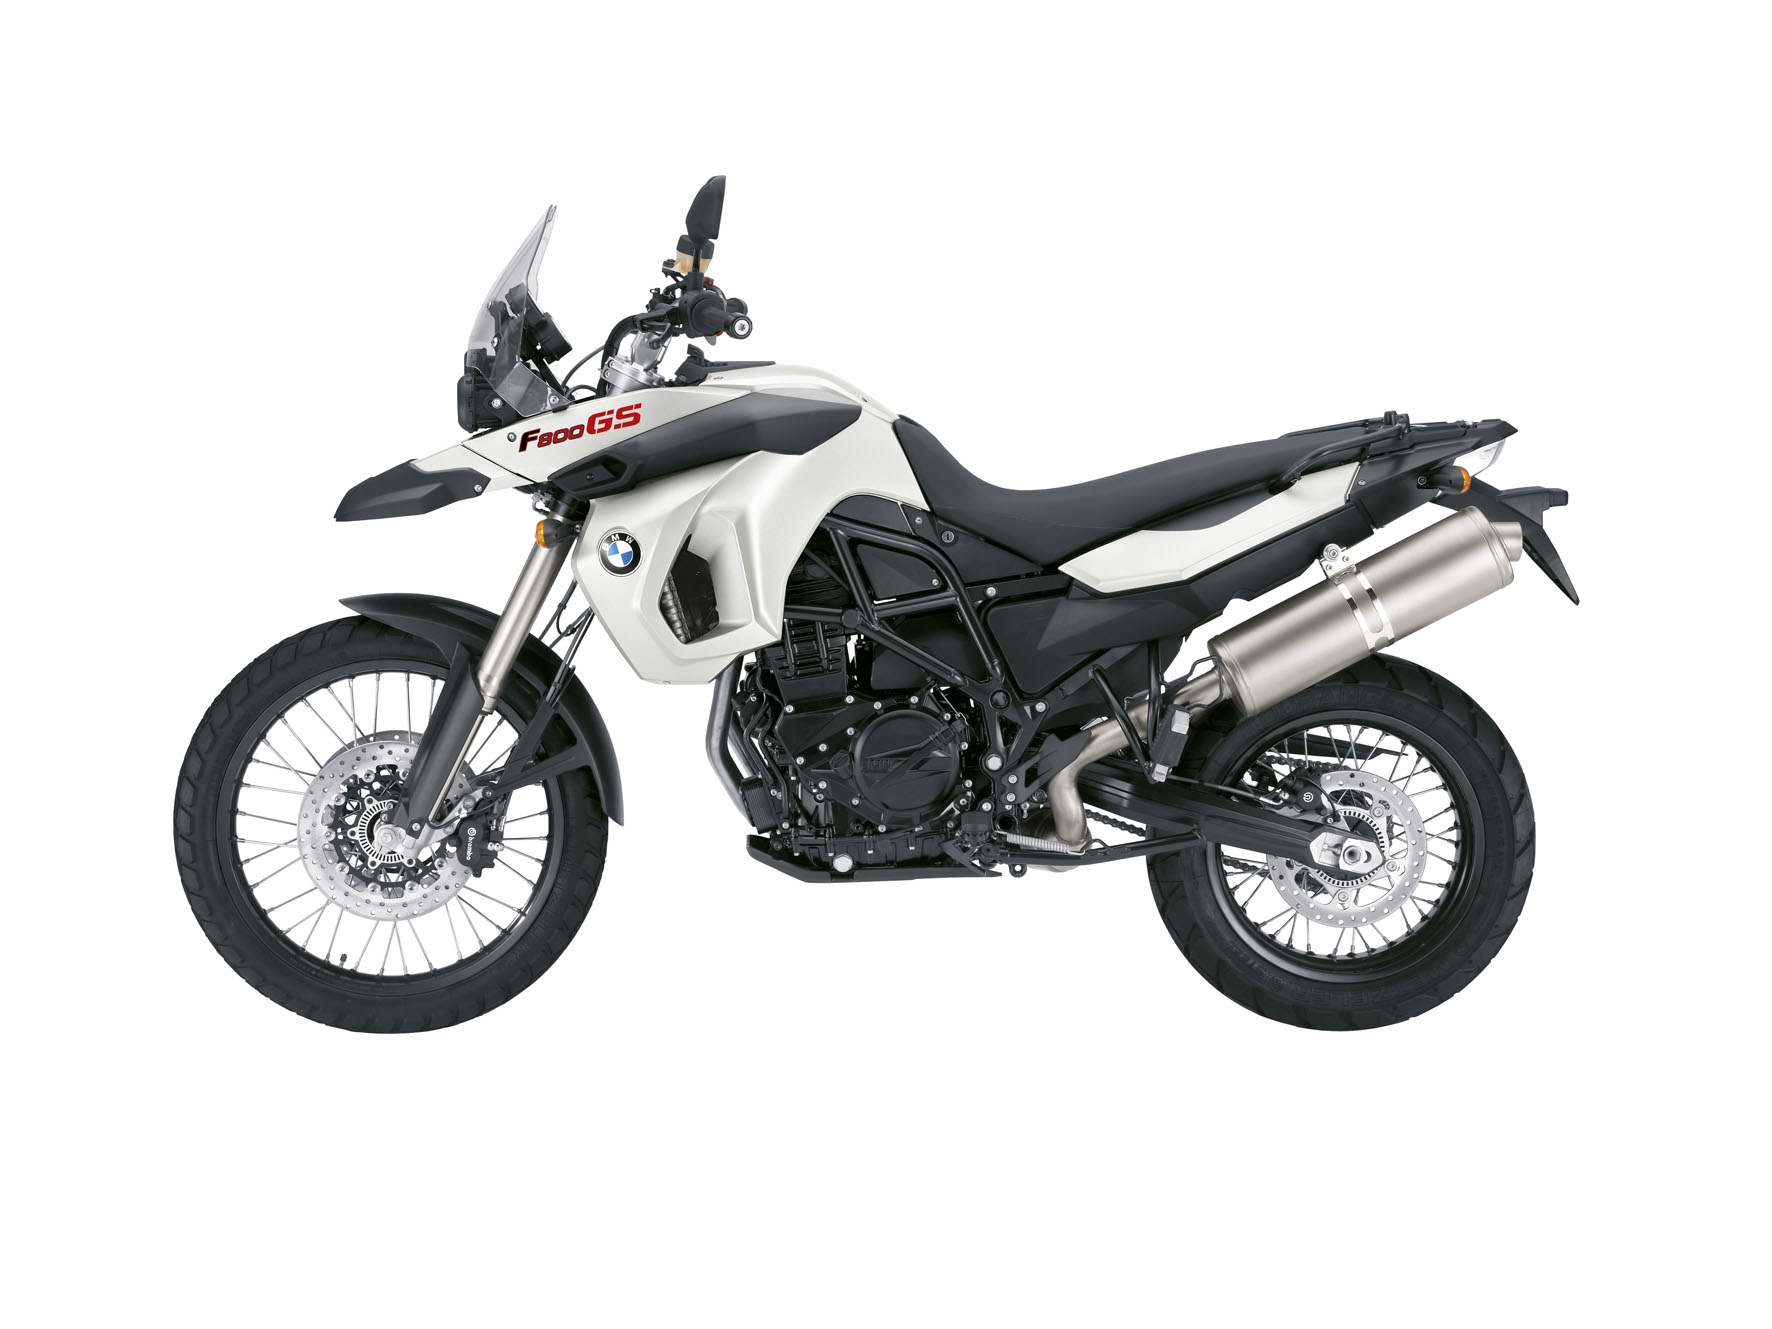 A <strong>BMW F800 GS</strong> é uma moto alta, seu banco está a 880 mm do solo, o que exige perícia do piloto